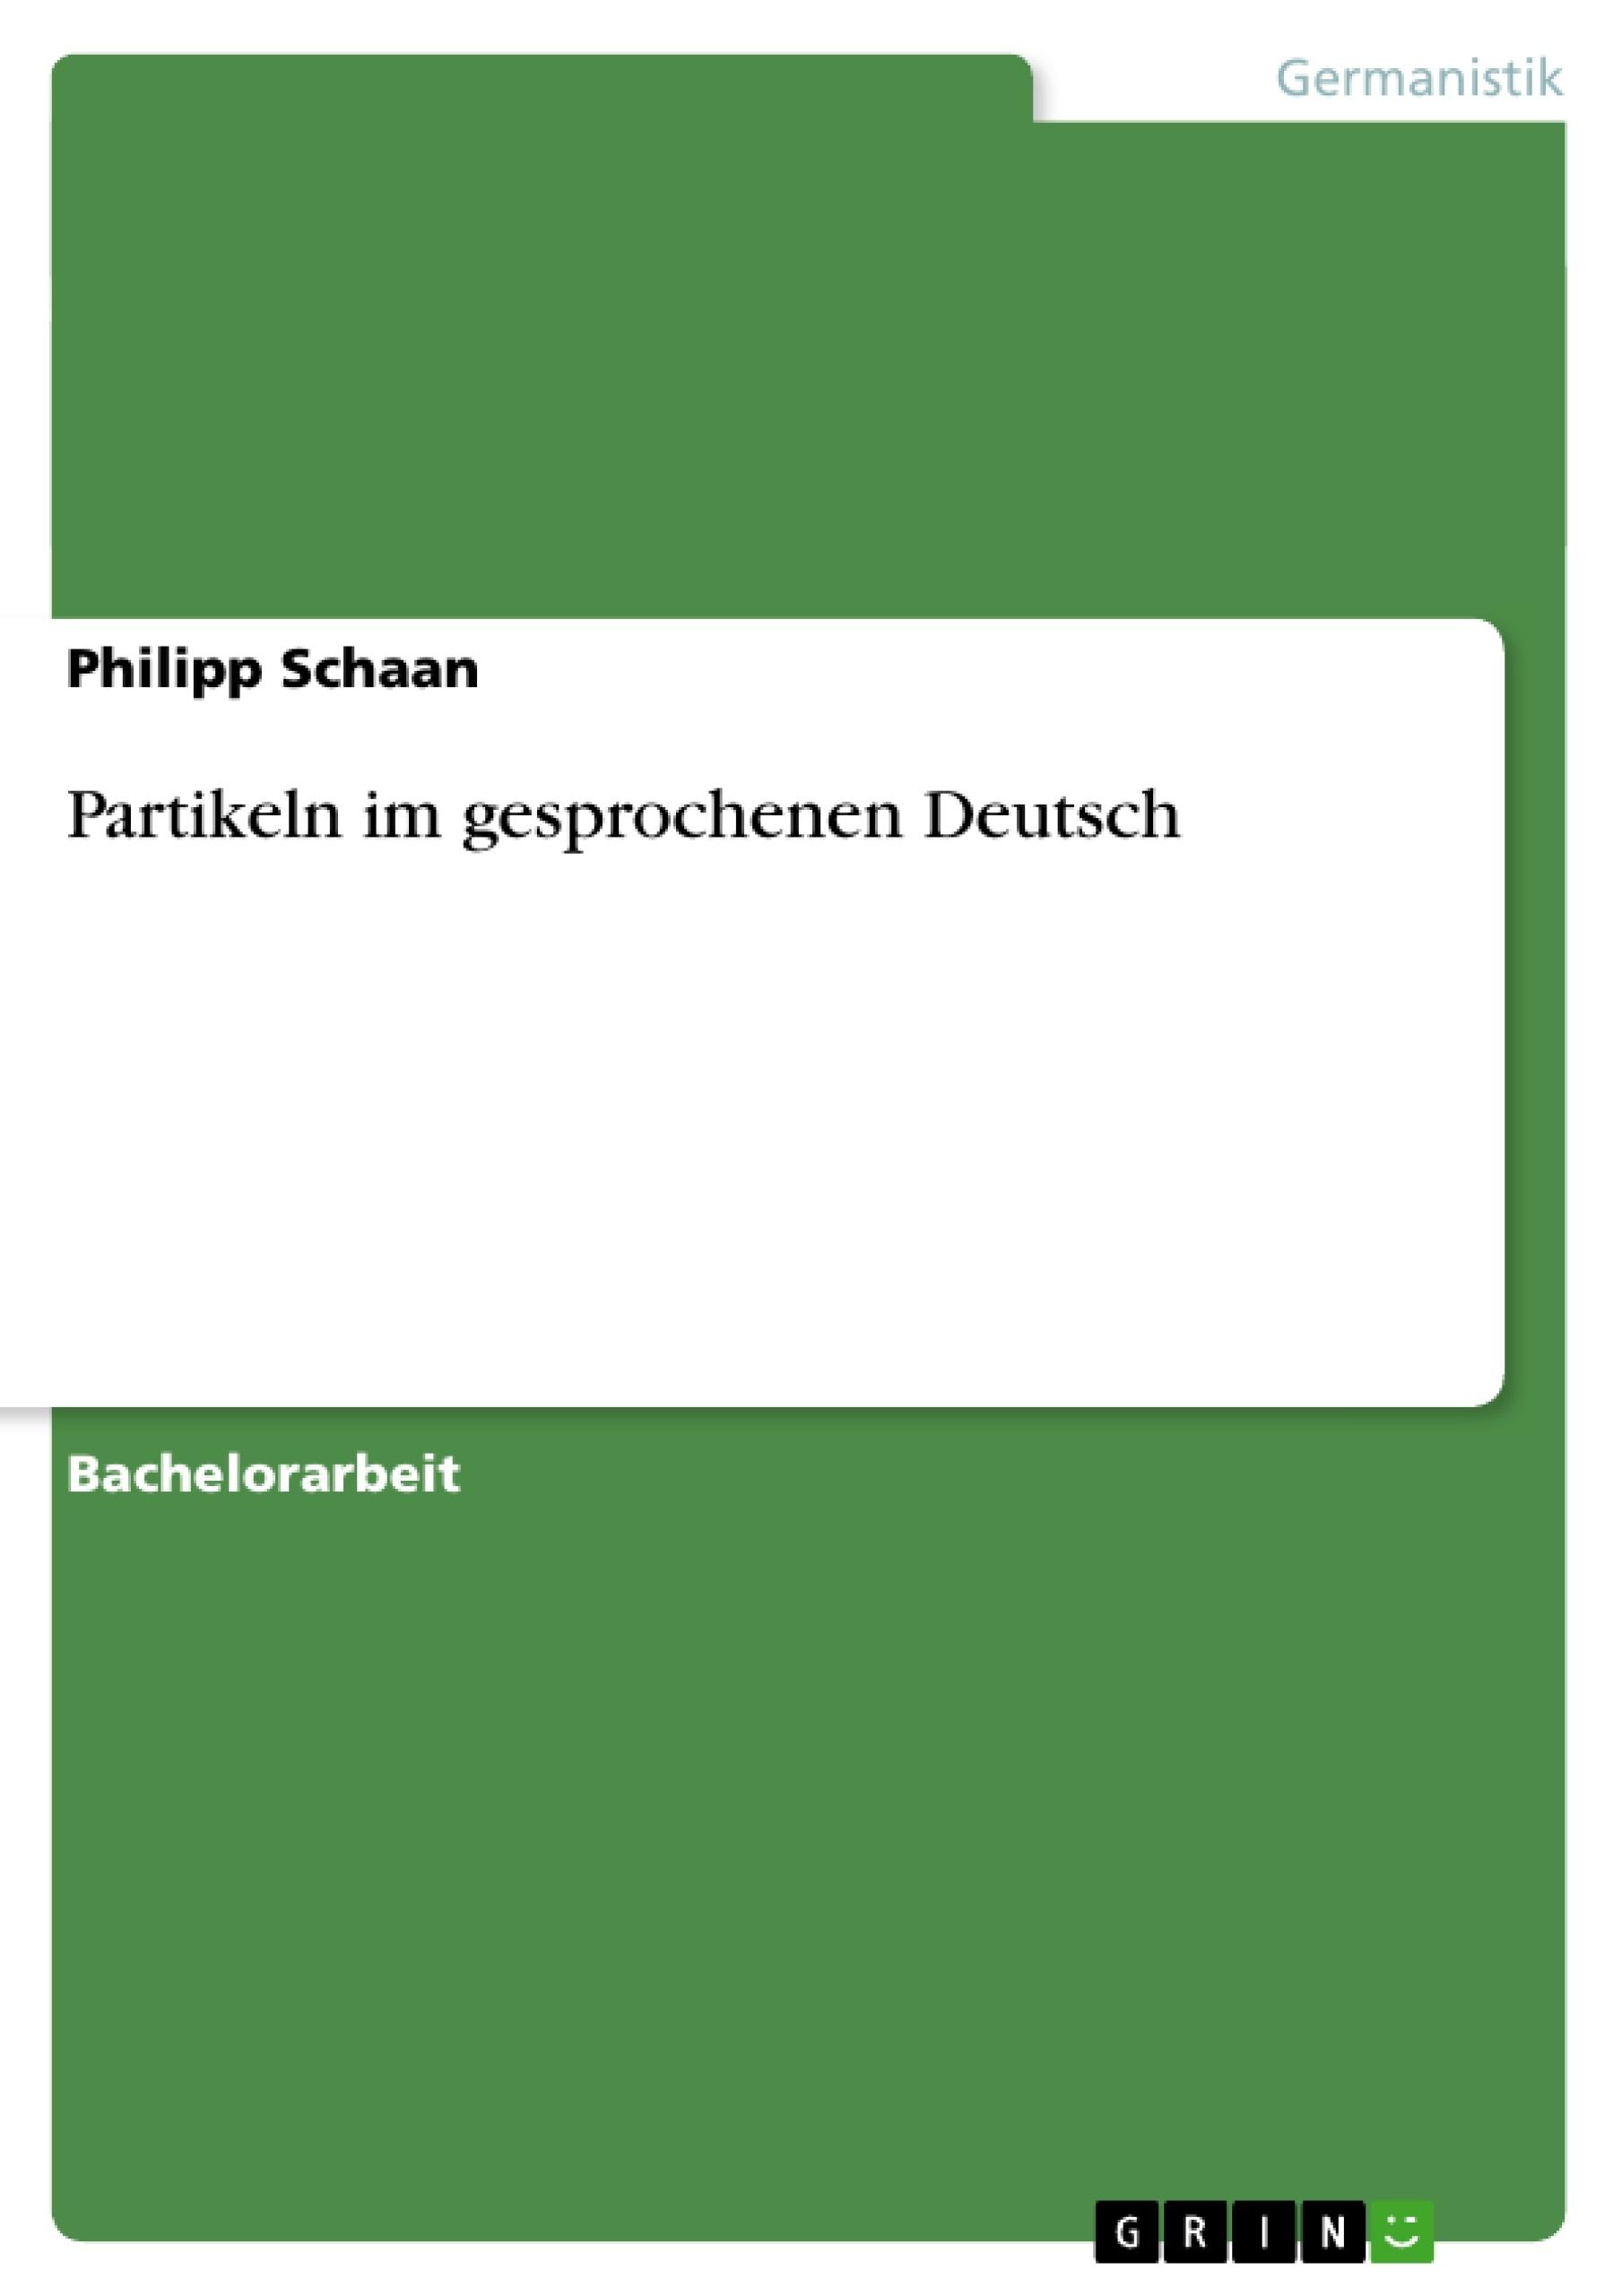 Titel: Partikeln im gesprochenen Deutsch